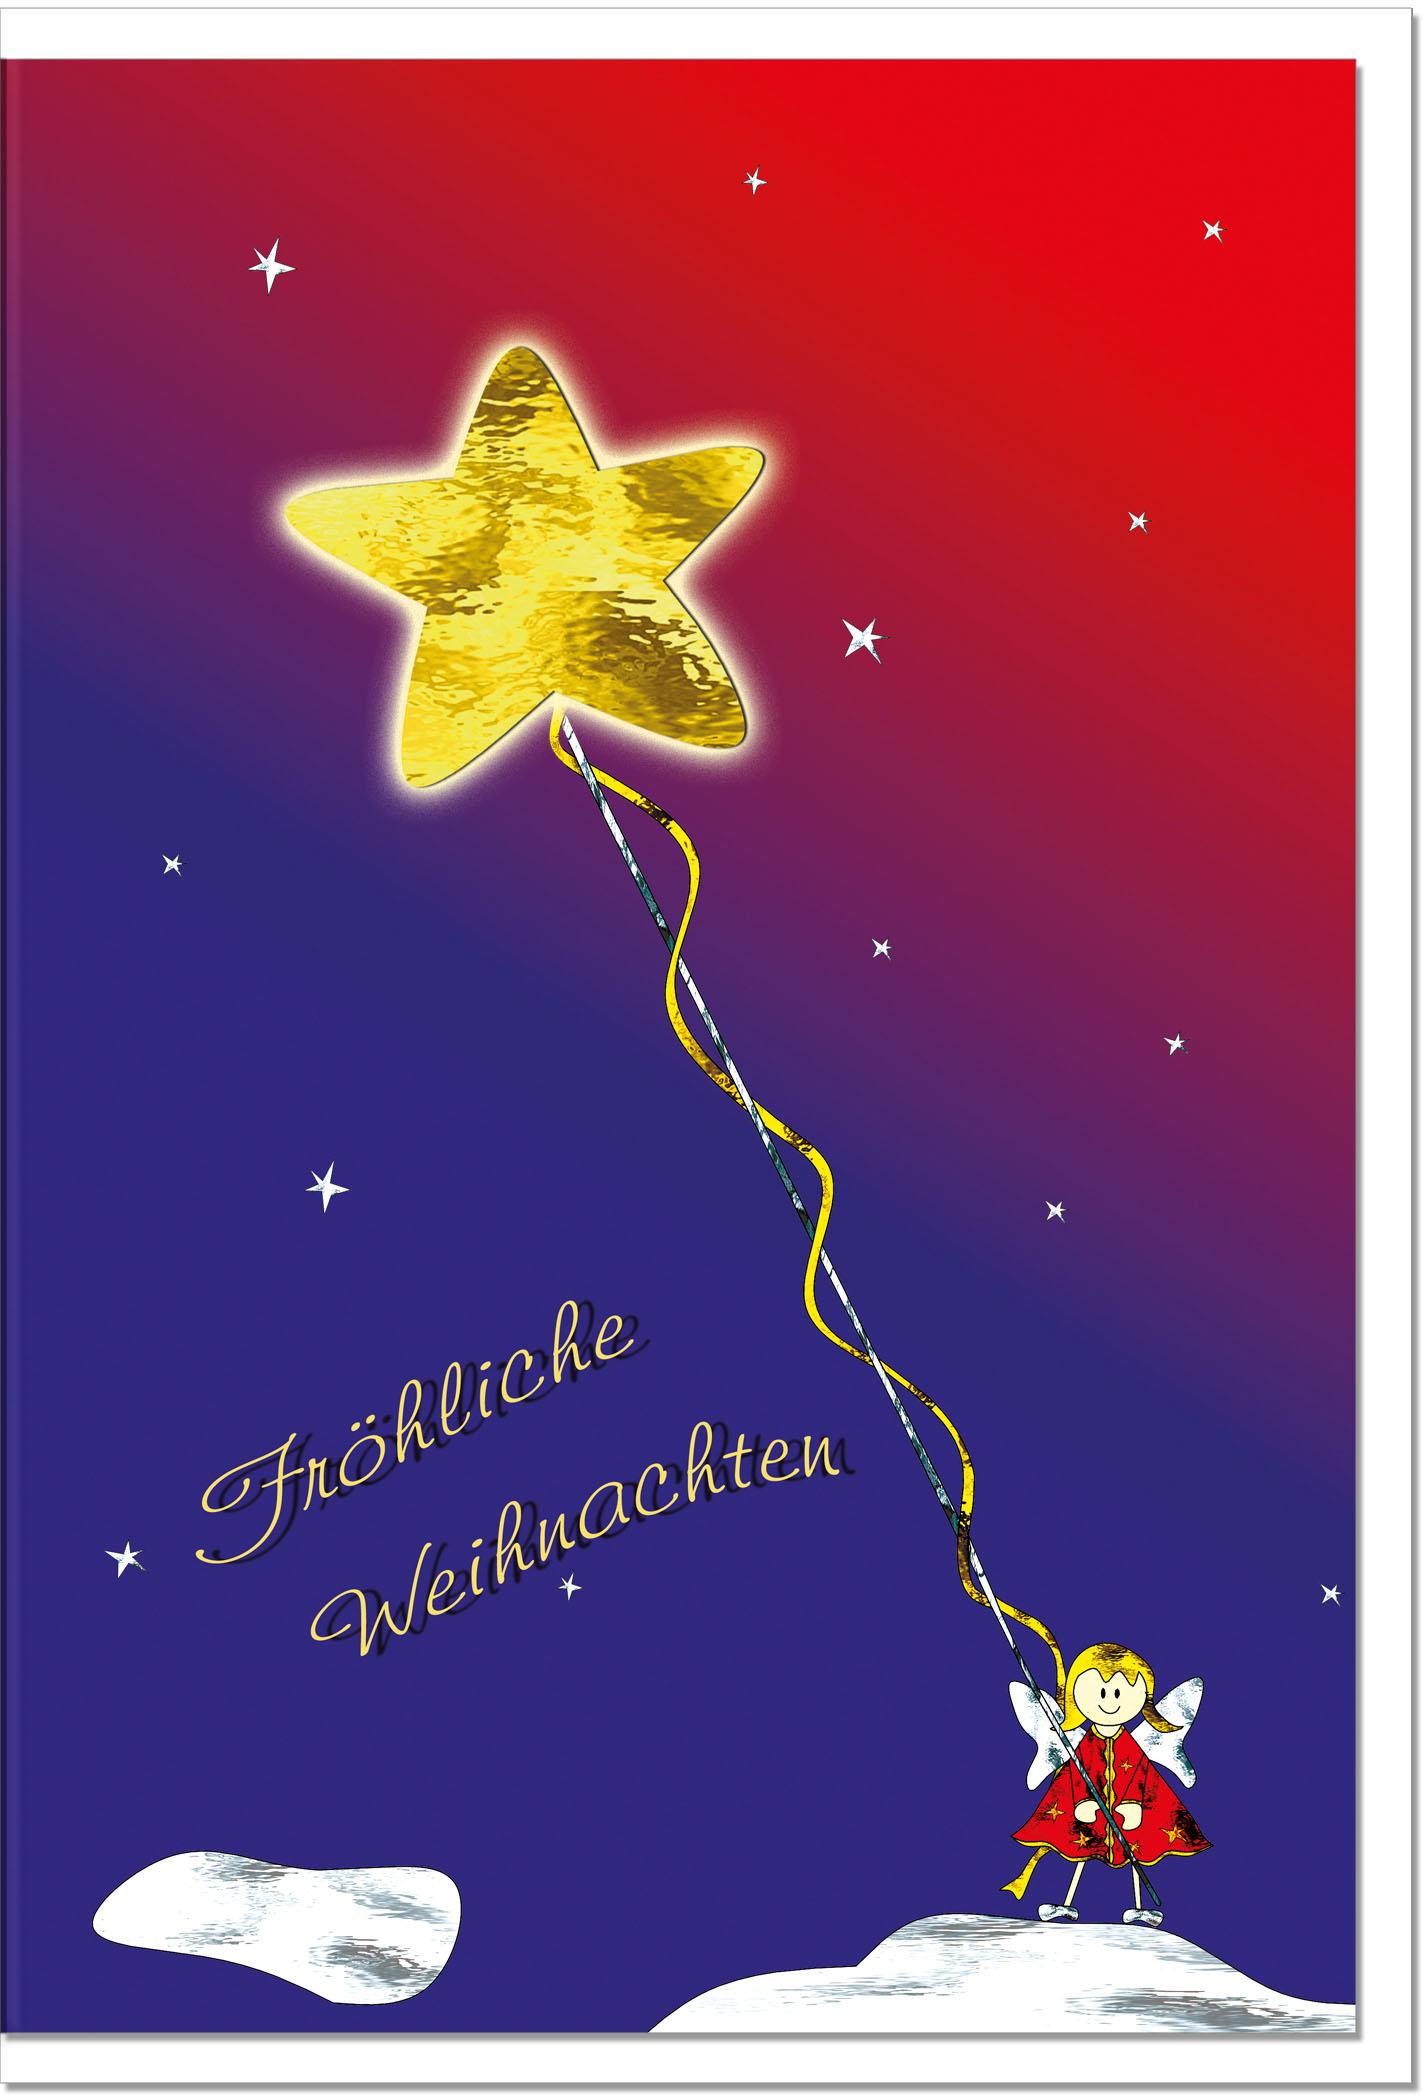 Weihnachtskarten / Grußkarten /Weihnachten Stern